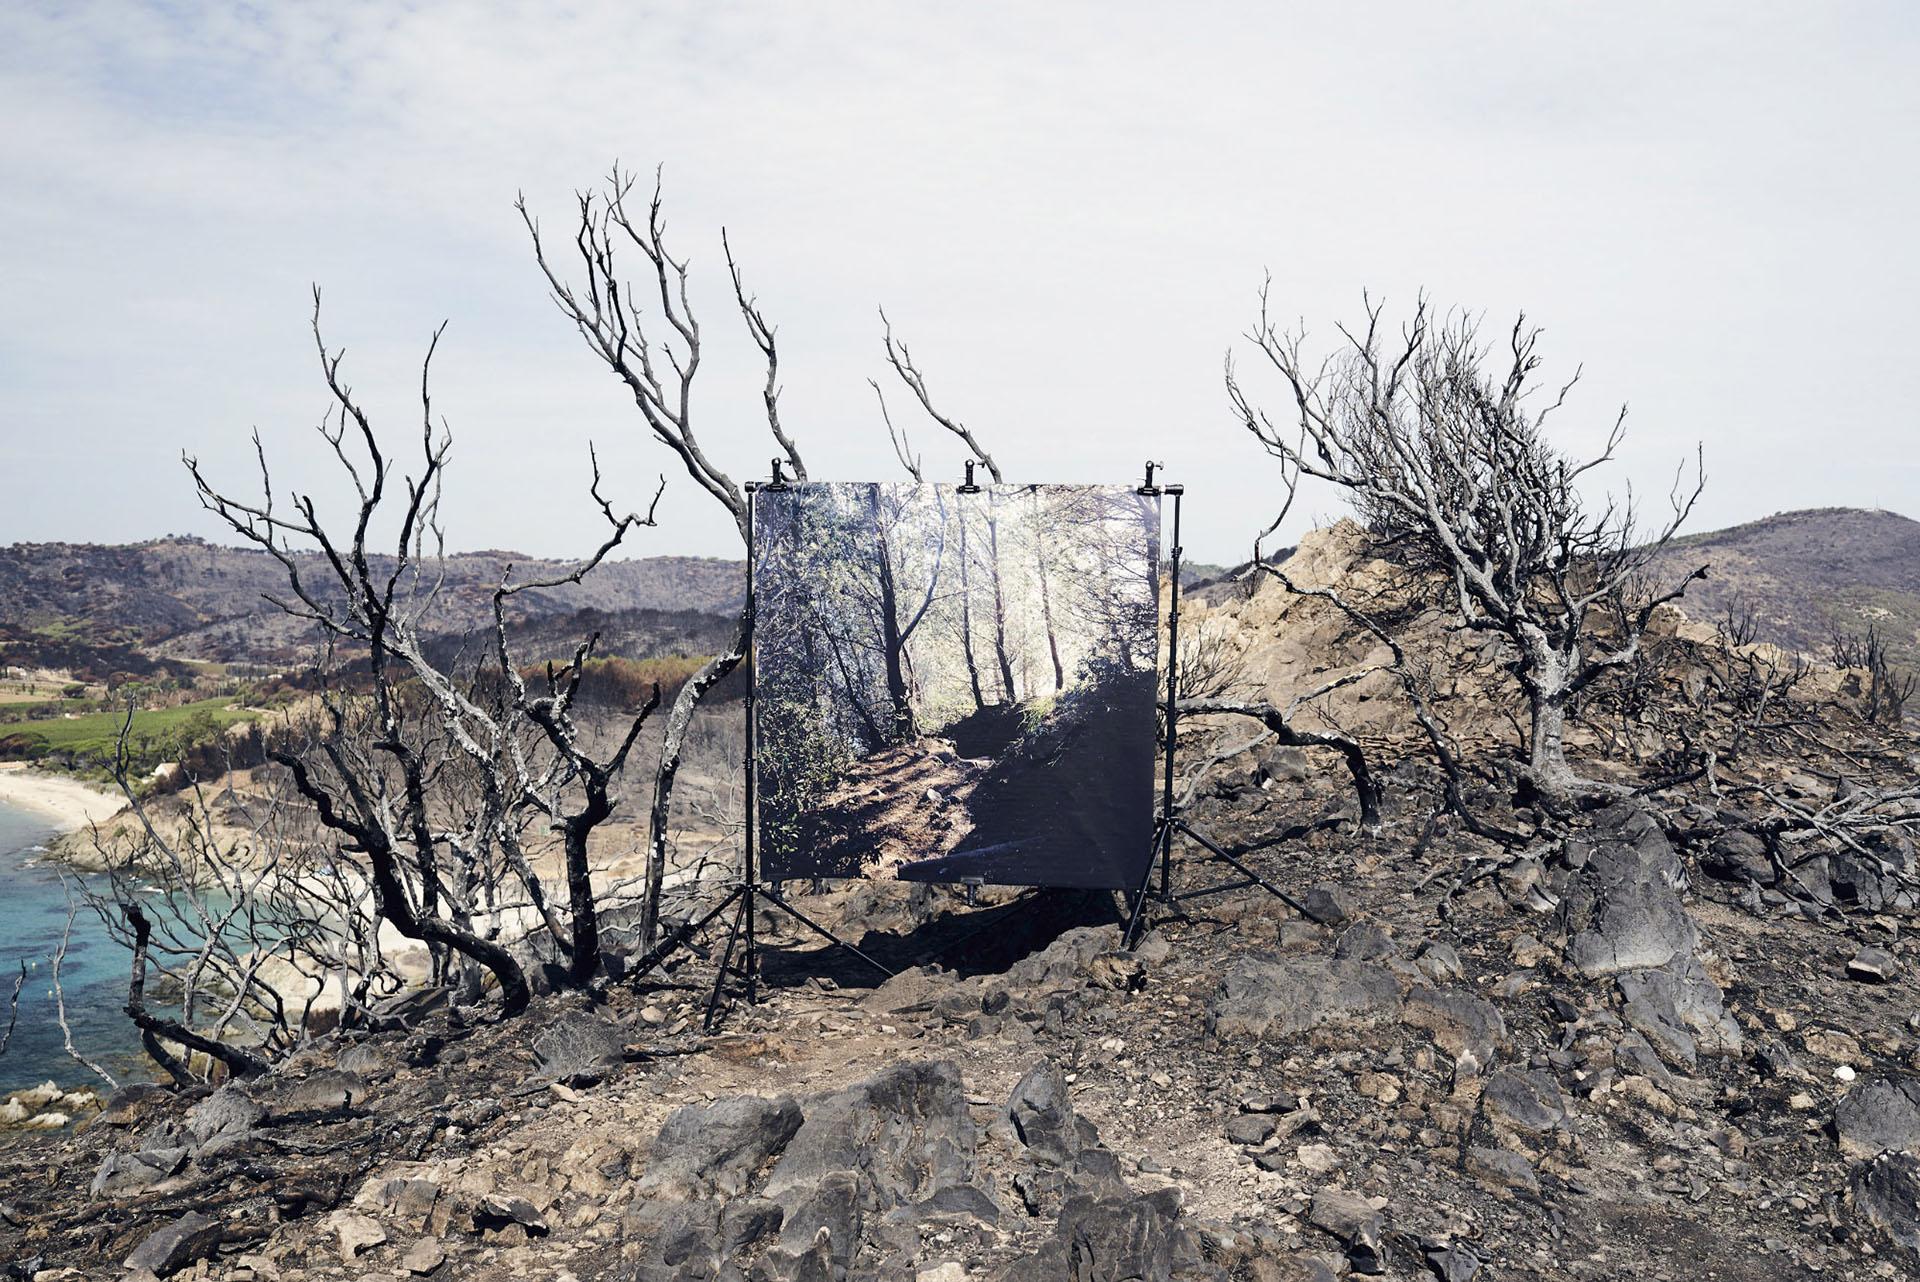 Nombre de la imagen: Incendies – fotógrafo: Martin Varret, Ecole Nationale Supérieure Louis-Lumière ENSLL, France